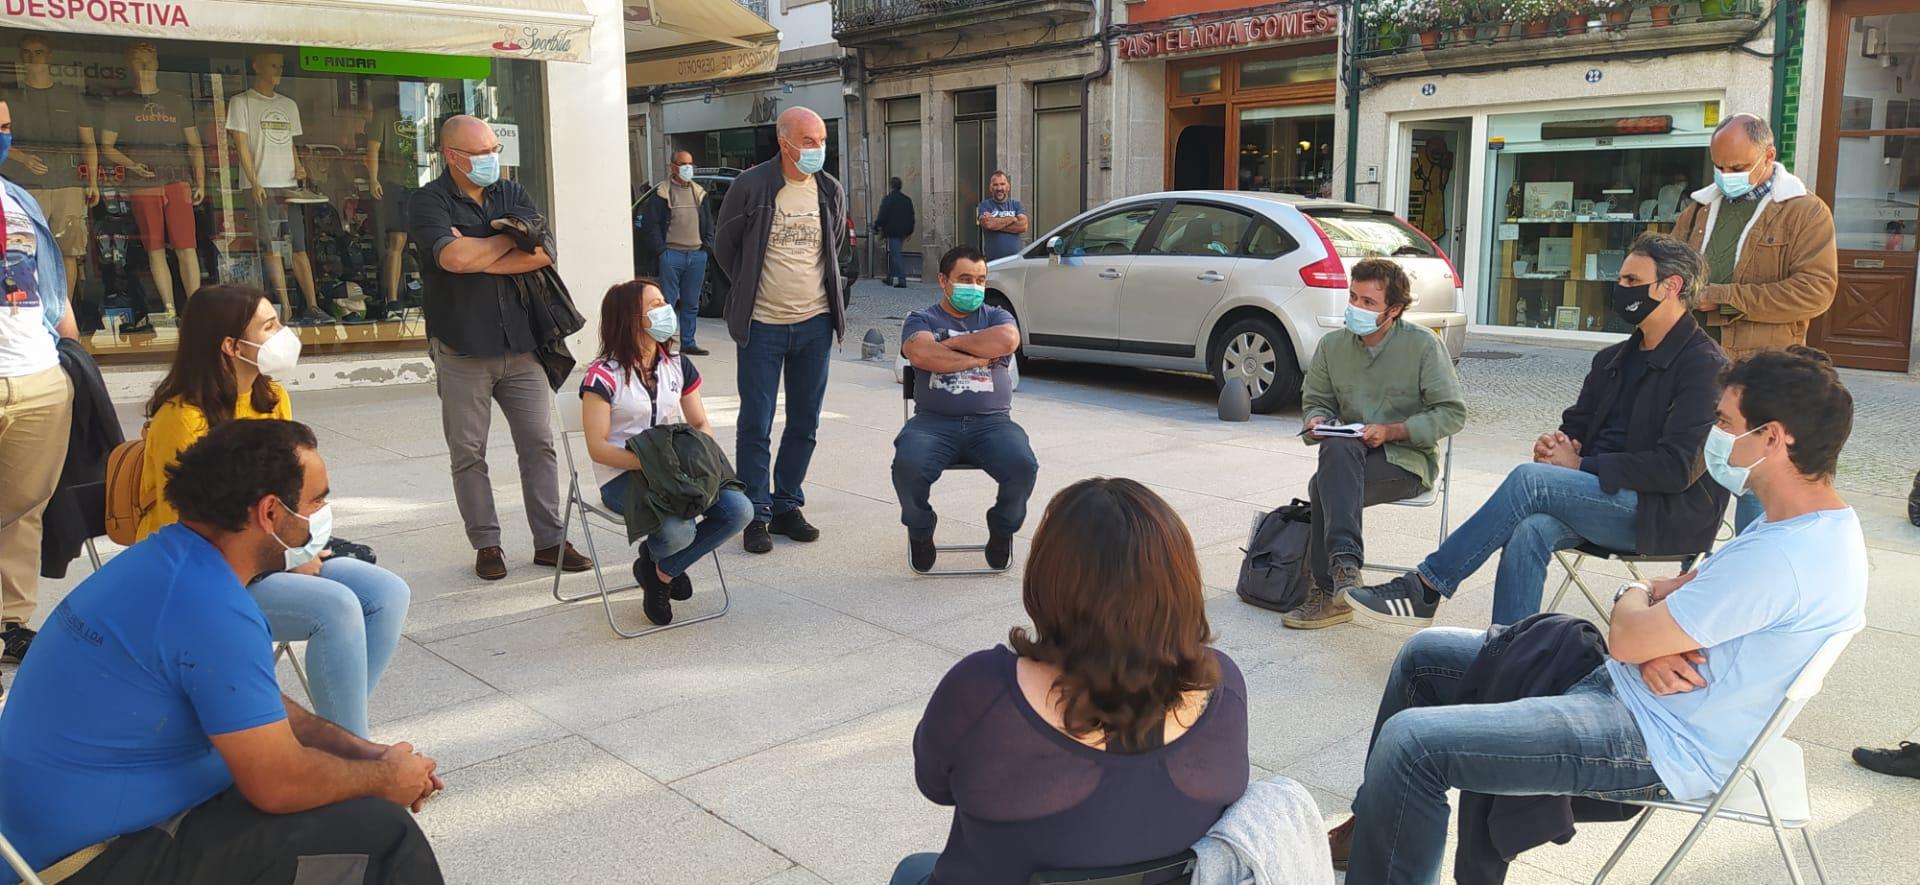 José Soeiro reuniu com ex-trabalhadores do Miraneve